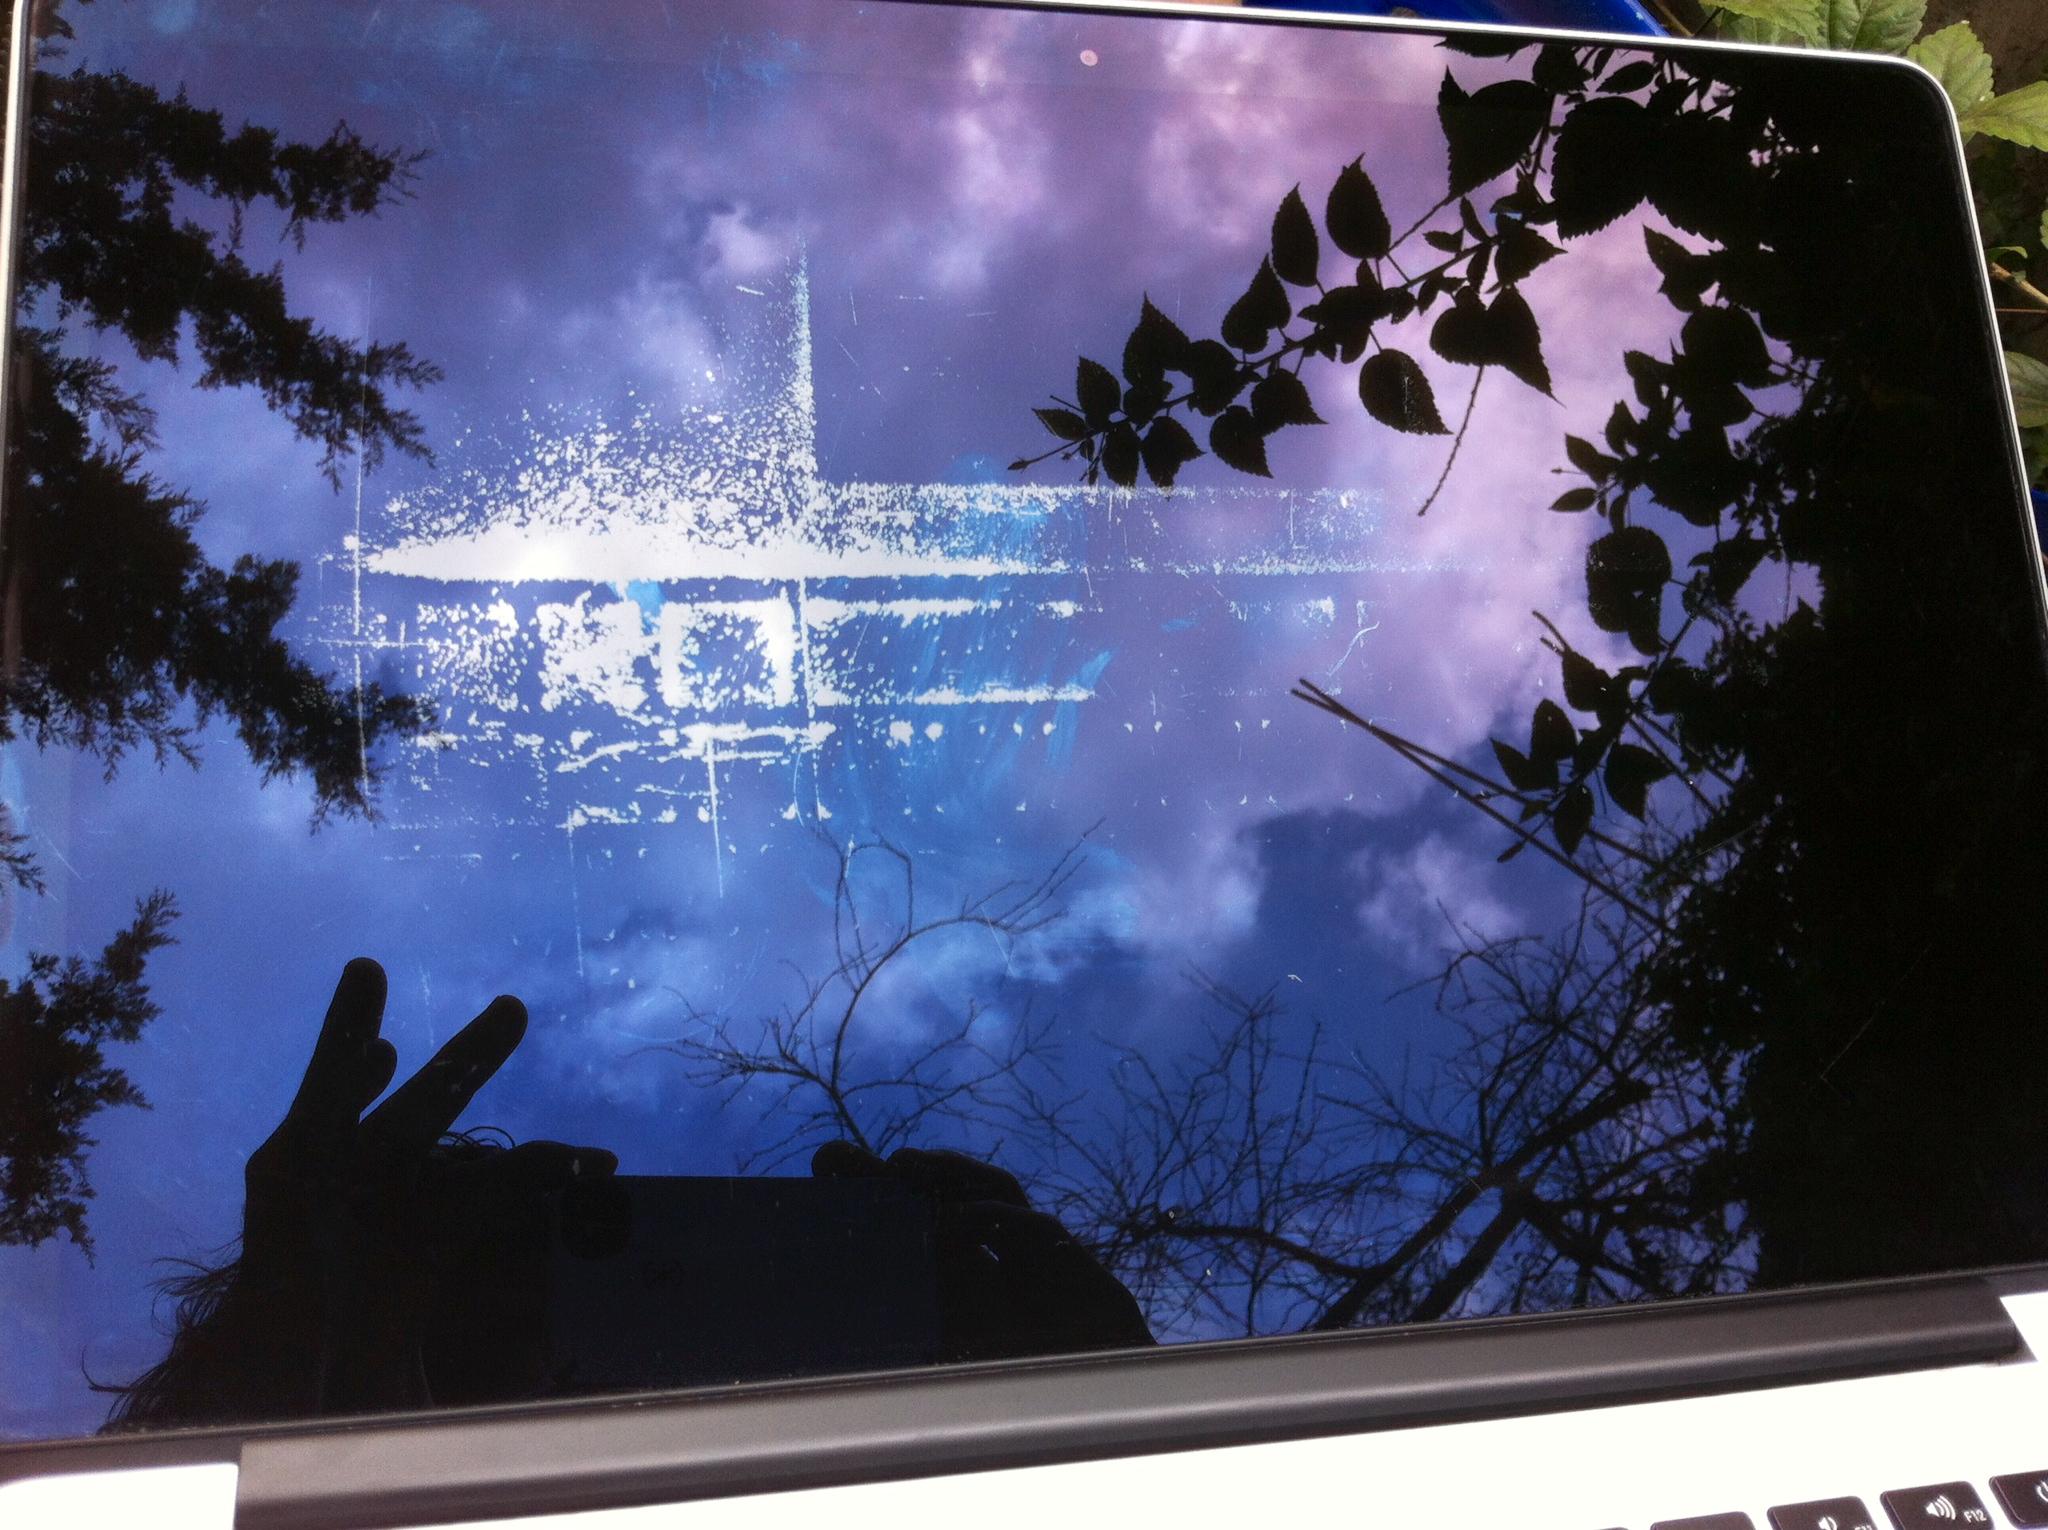 Apple enfim admite problema em telas Retina manchadas do MacBook